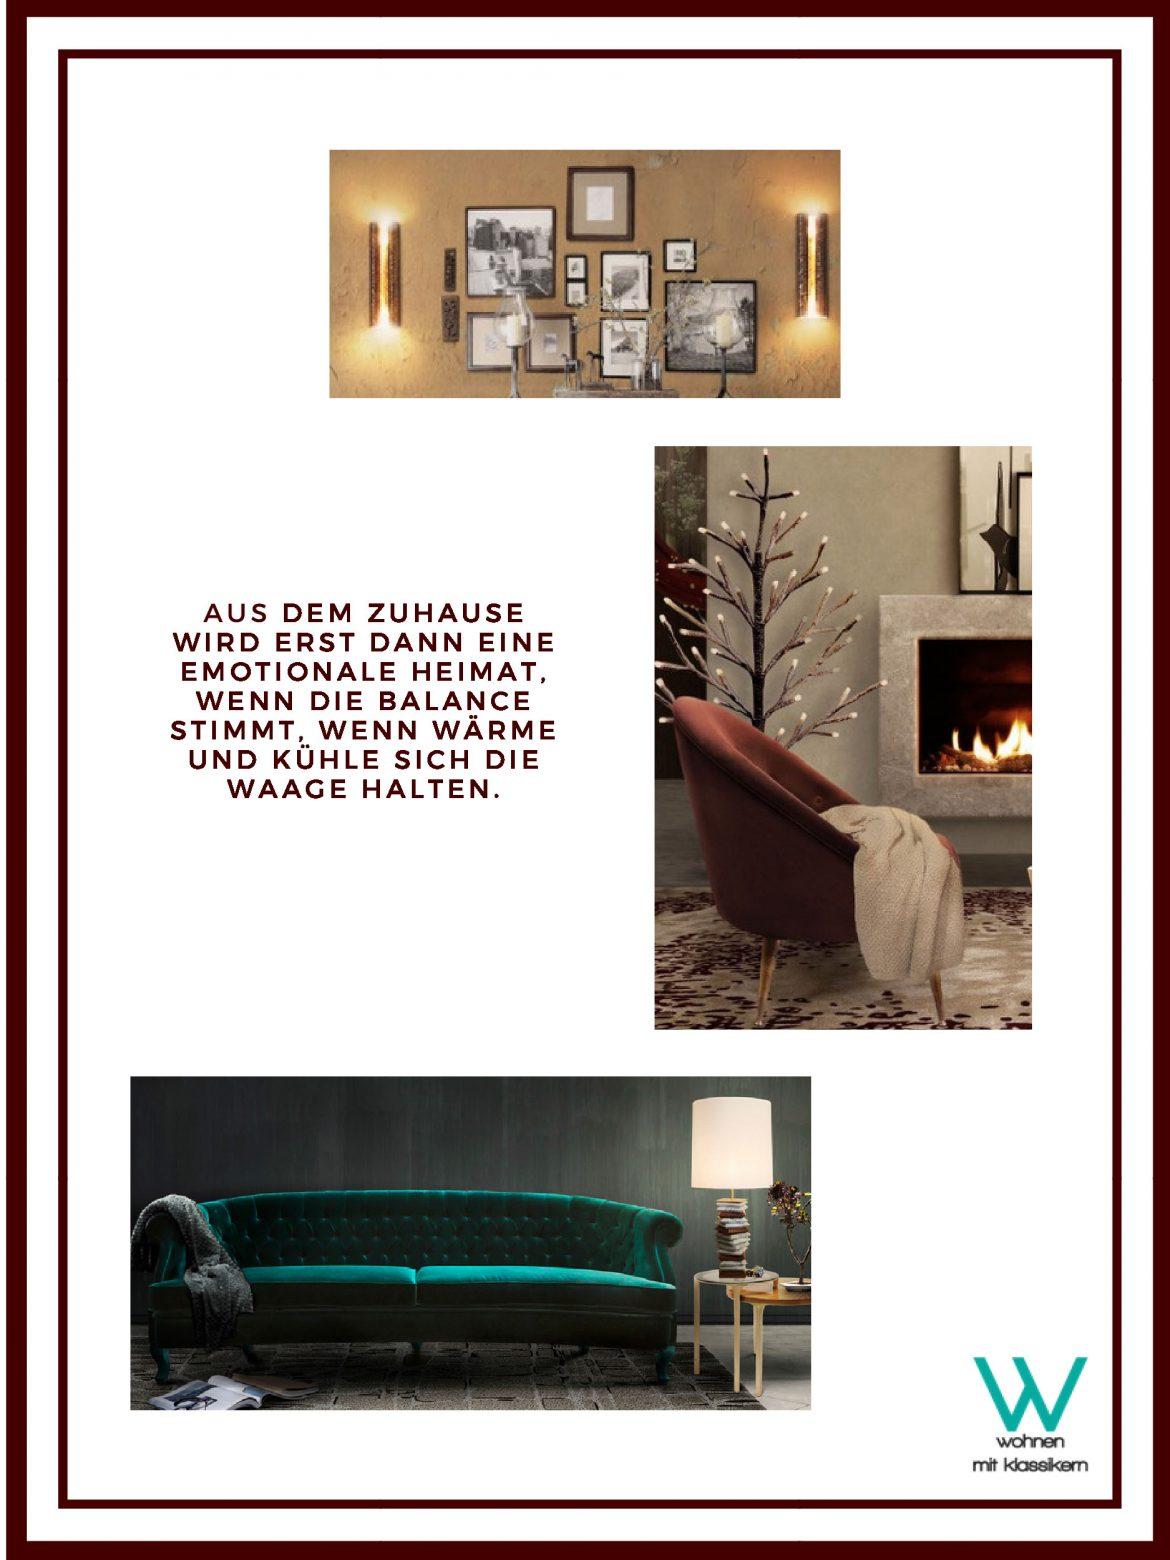 luxuriöse Möbel Das luxuriöse Möbel Geheimnisse der Gemütlichkeit DAS LUXURI  SE GEHEIMNIS DER GEM  TLICHKEIT 6